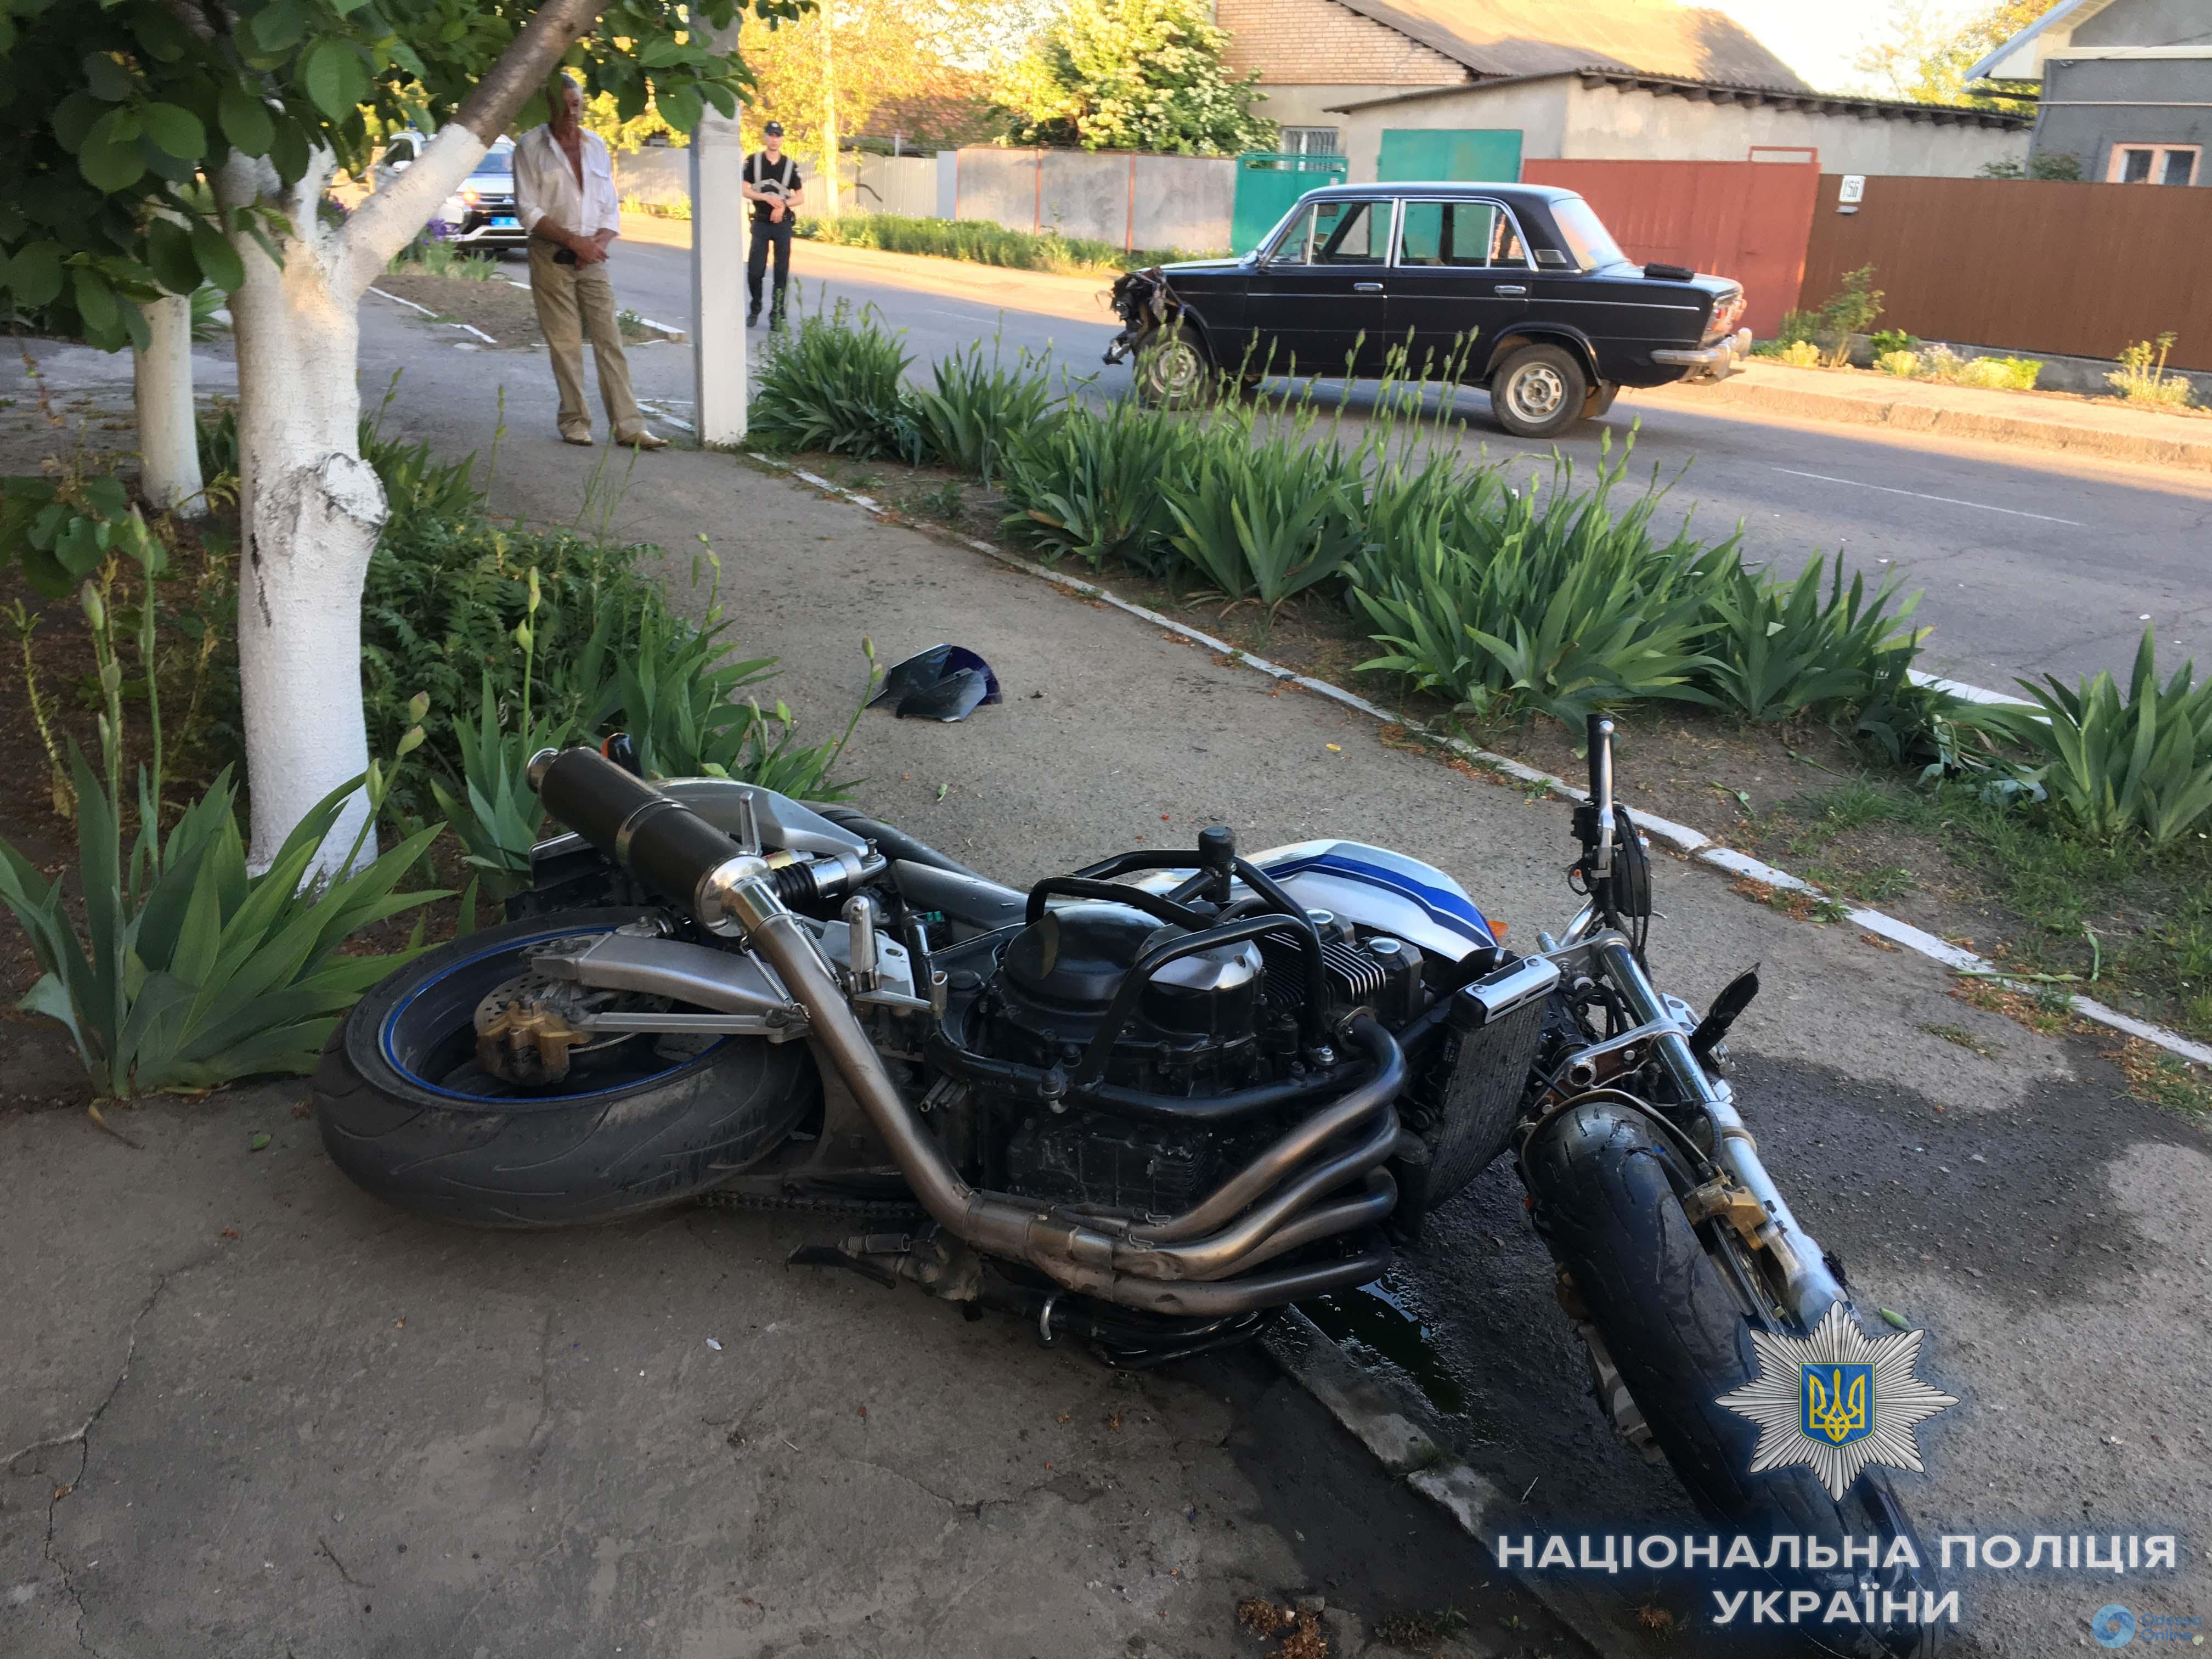 В Измаиле виновнику ДТП с участием мотоцикла грозит тюремный срок